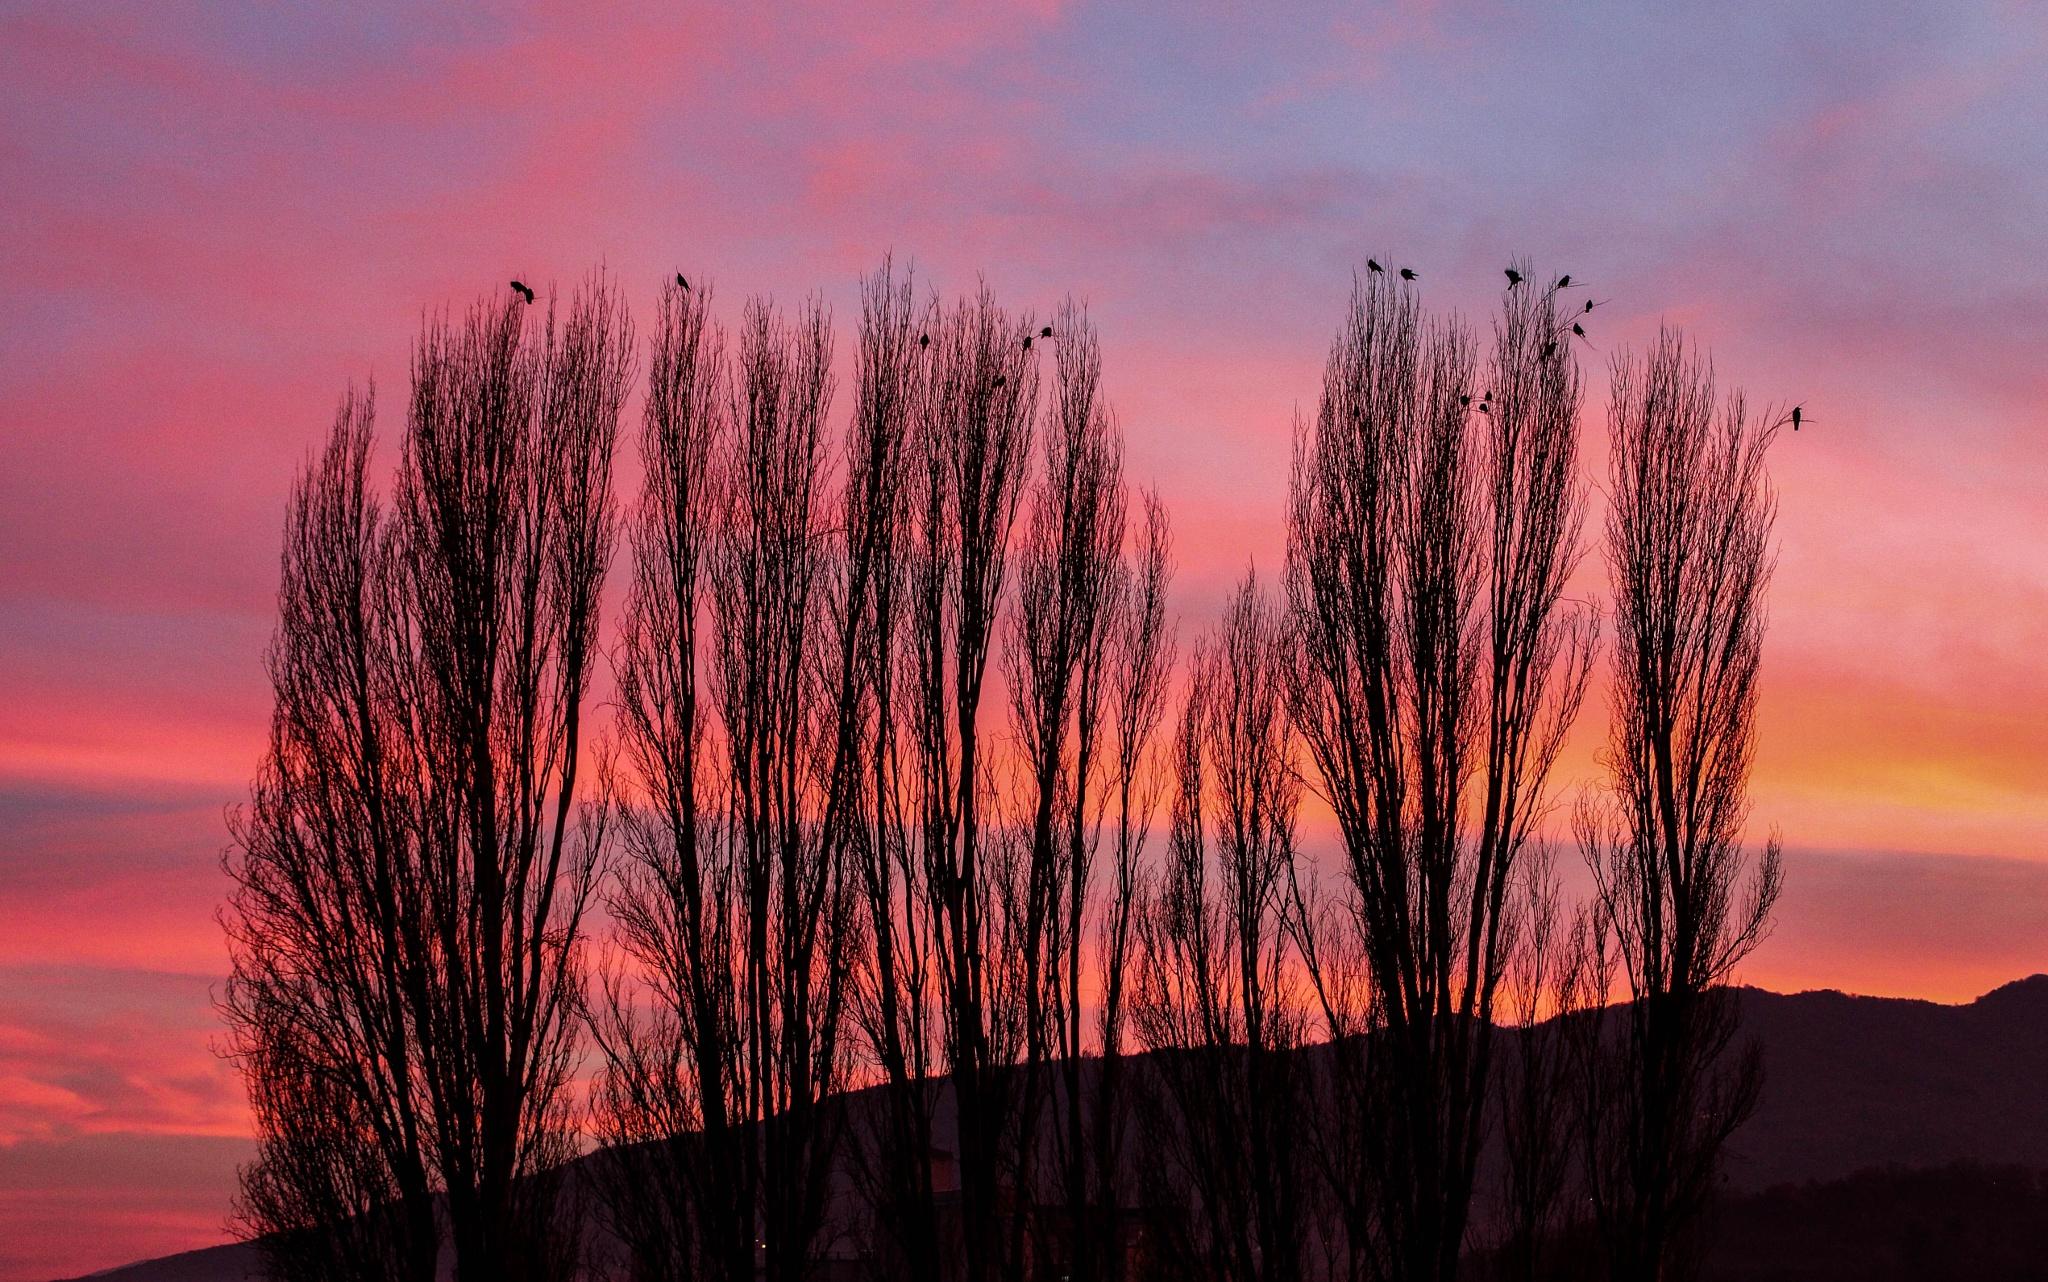 Sherbet sky by Tanja